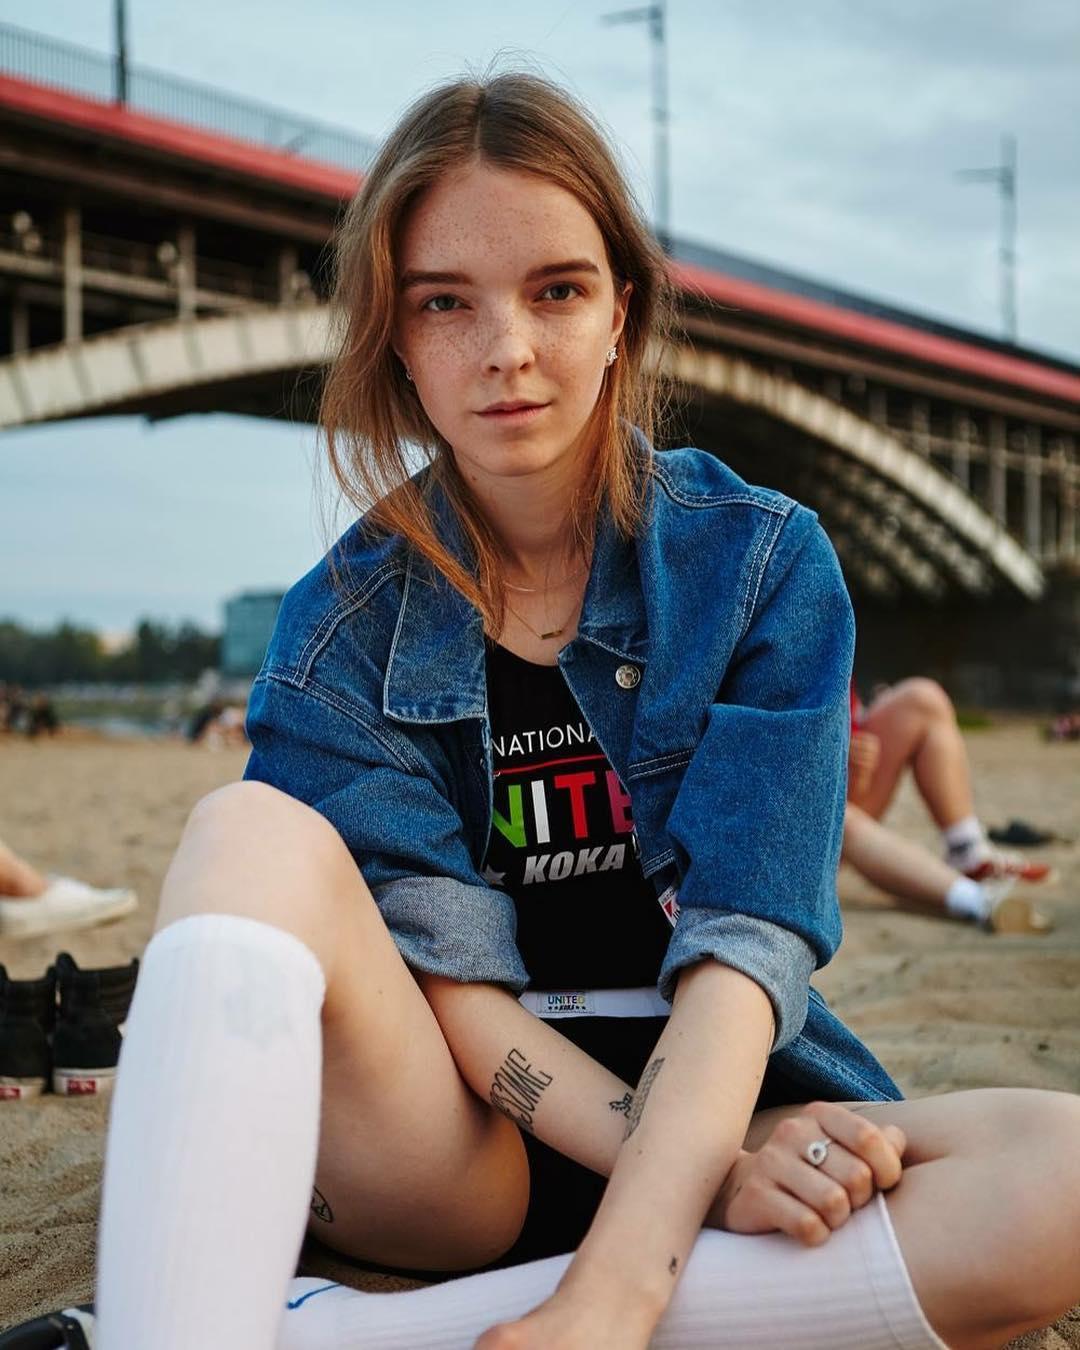 dziewczyna bez makijażu siedząca na plaży ubrana w koszulkę KOKA, kurtkę dżinsową odsłaniającą jej tatuaże i zakolanówki